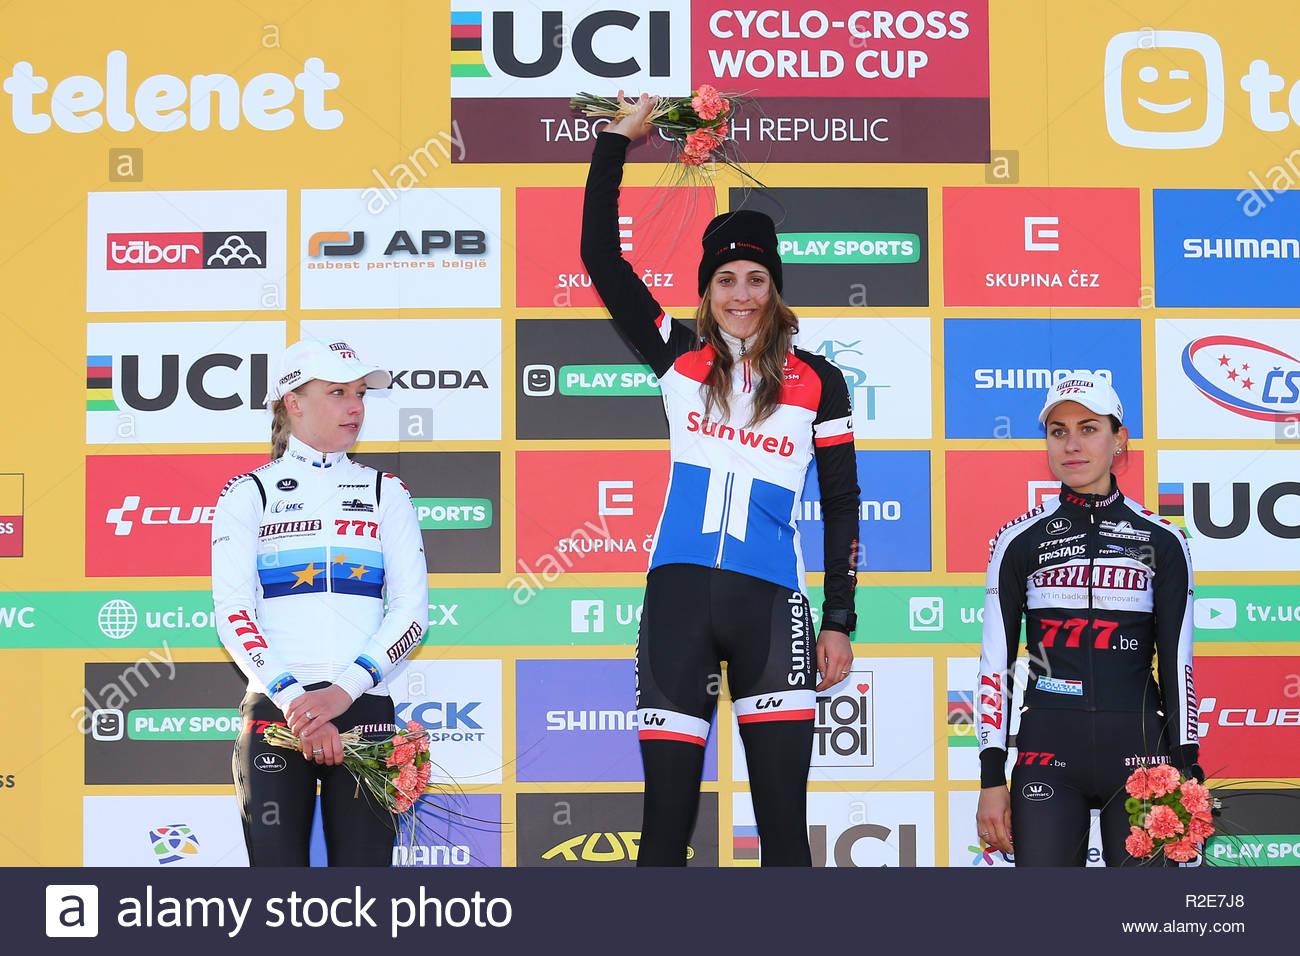 Tabor Czech Republic 17 November 2018 Worldcup Cyclecross Annemarie